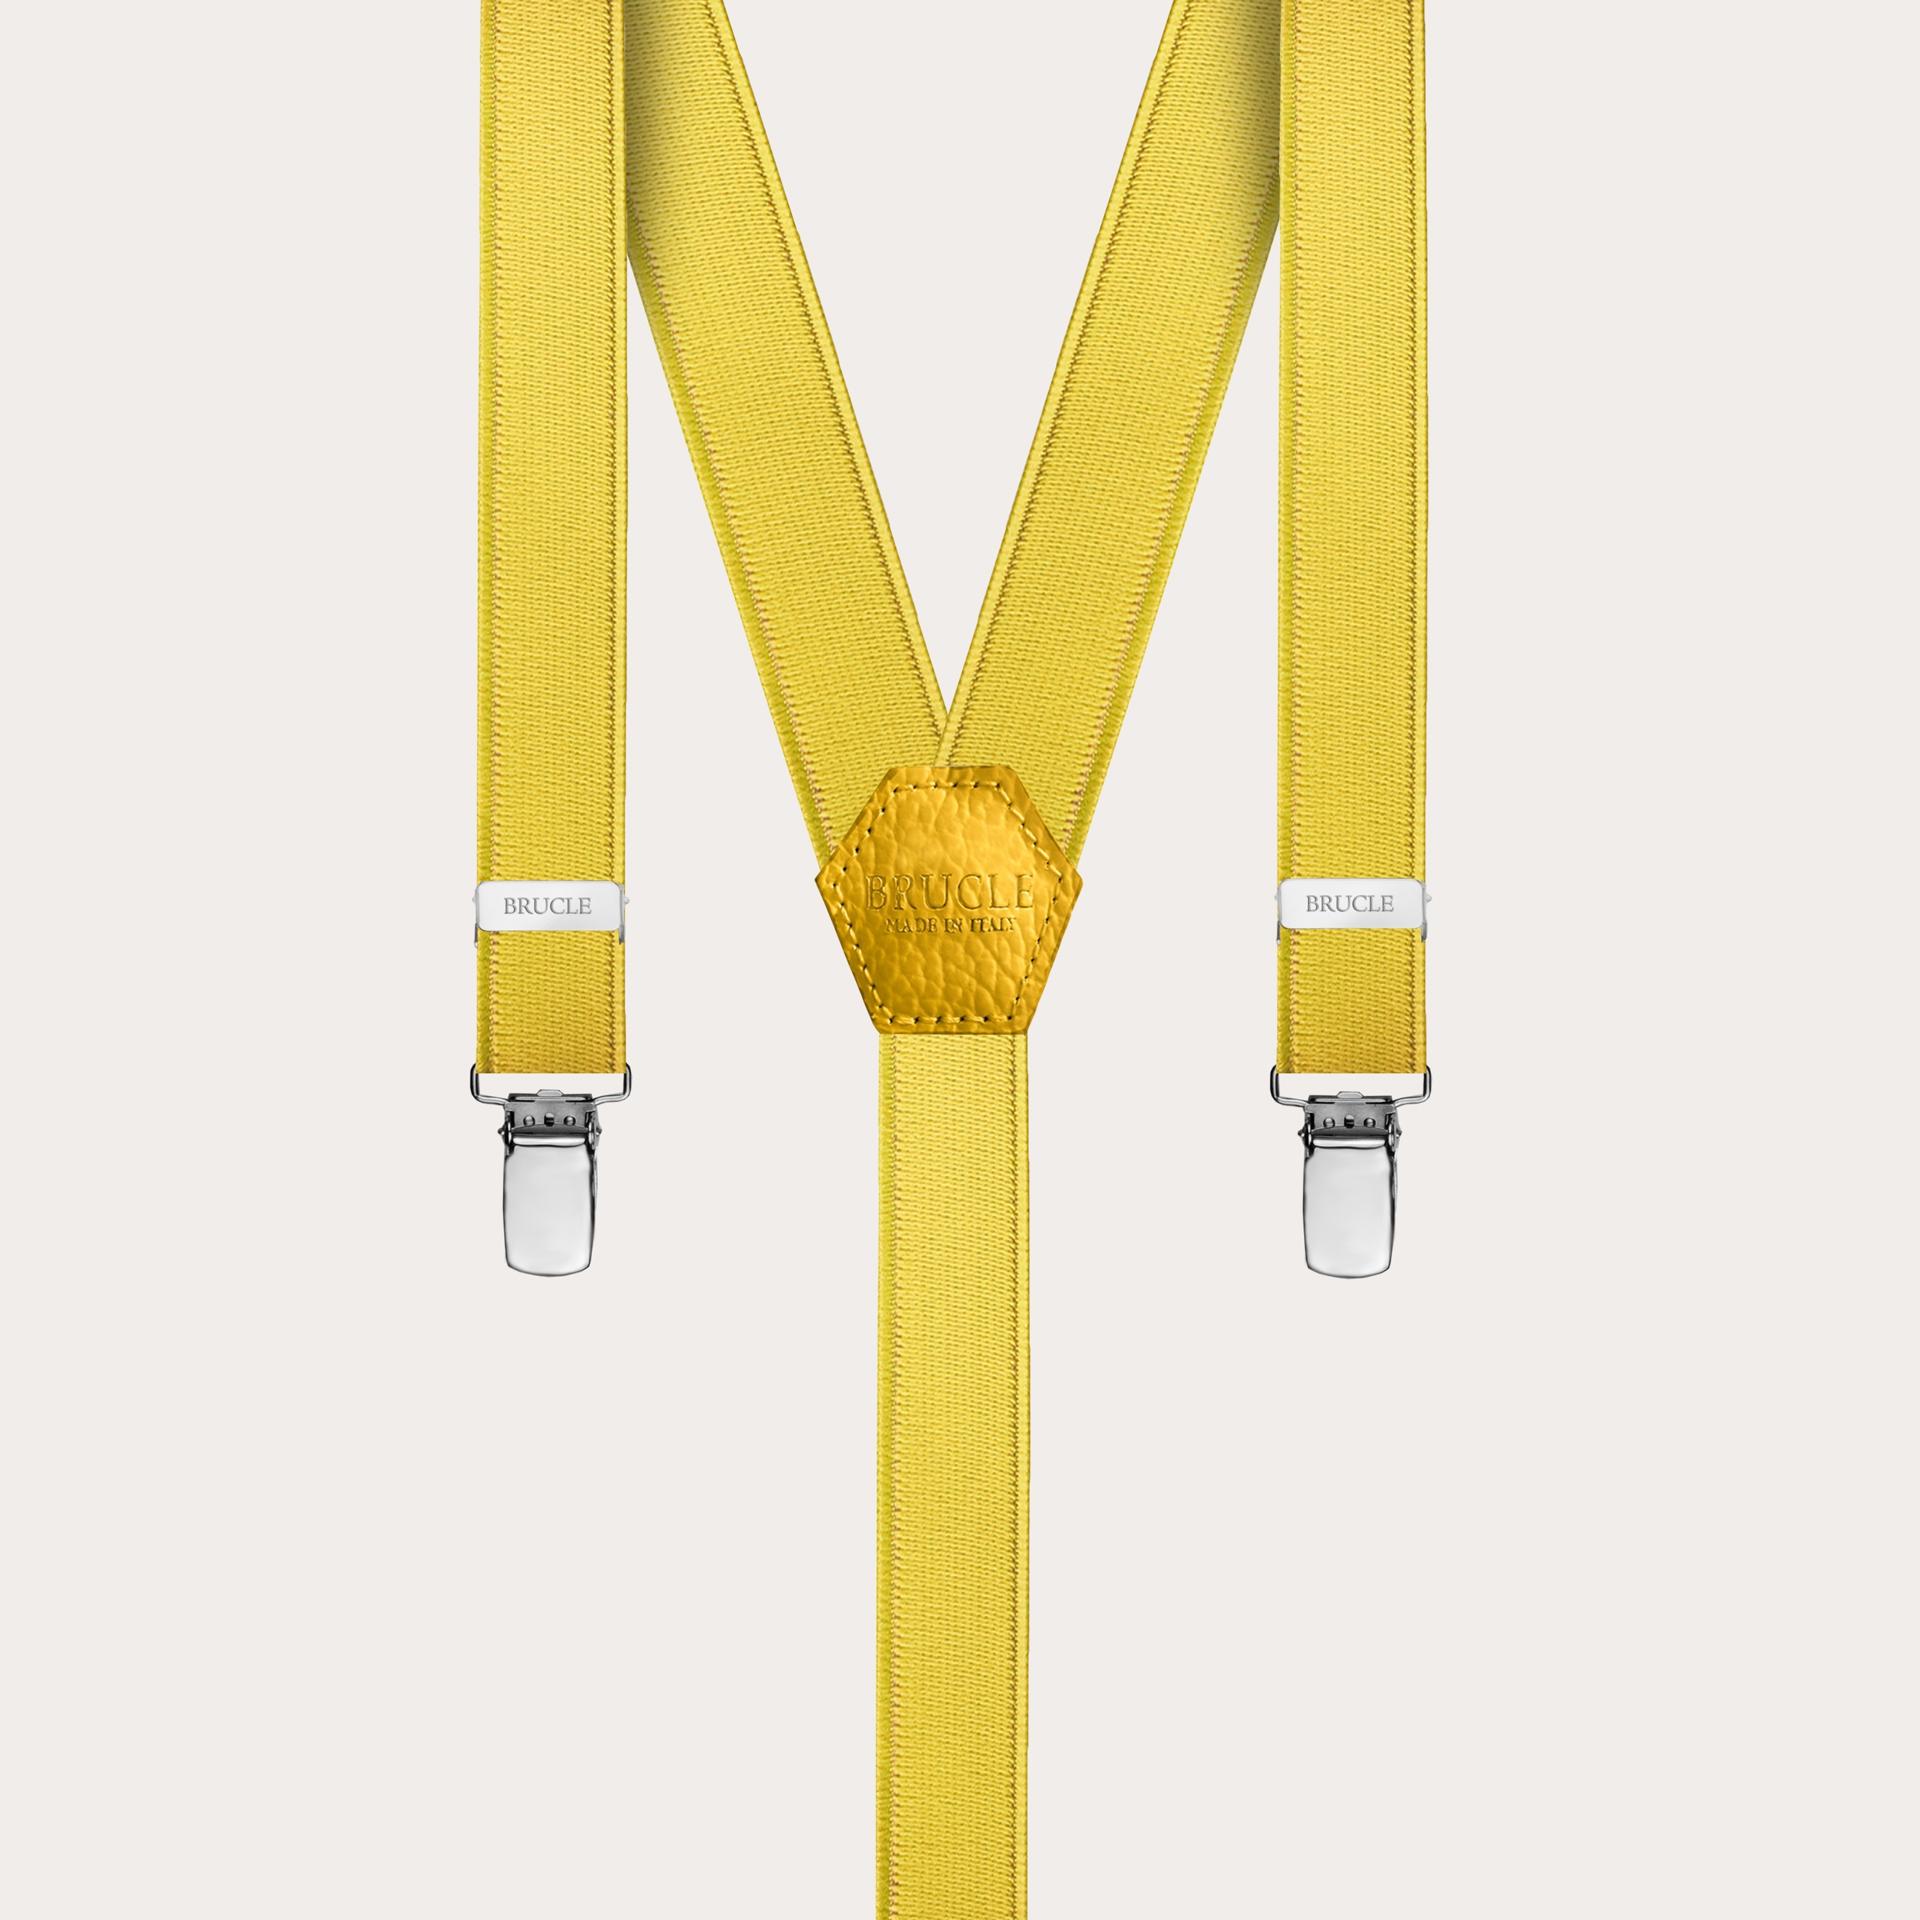 BRUCLE Bretelle sottili raso giallo